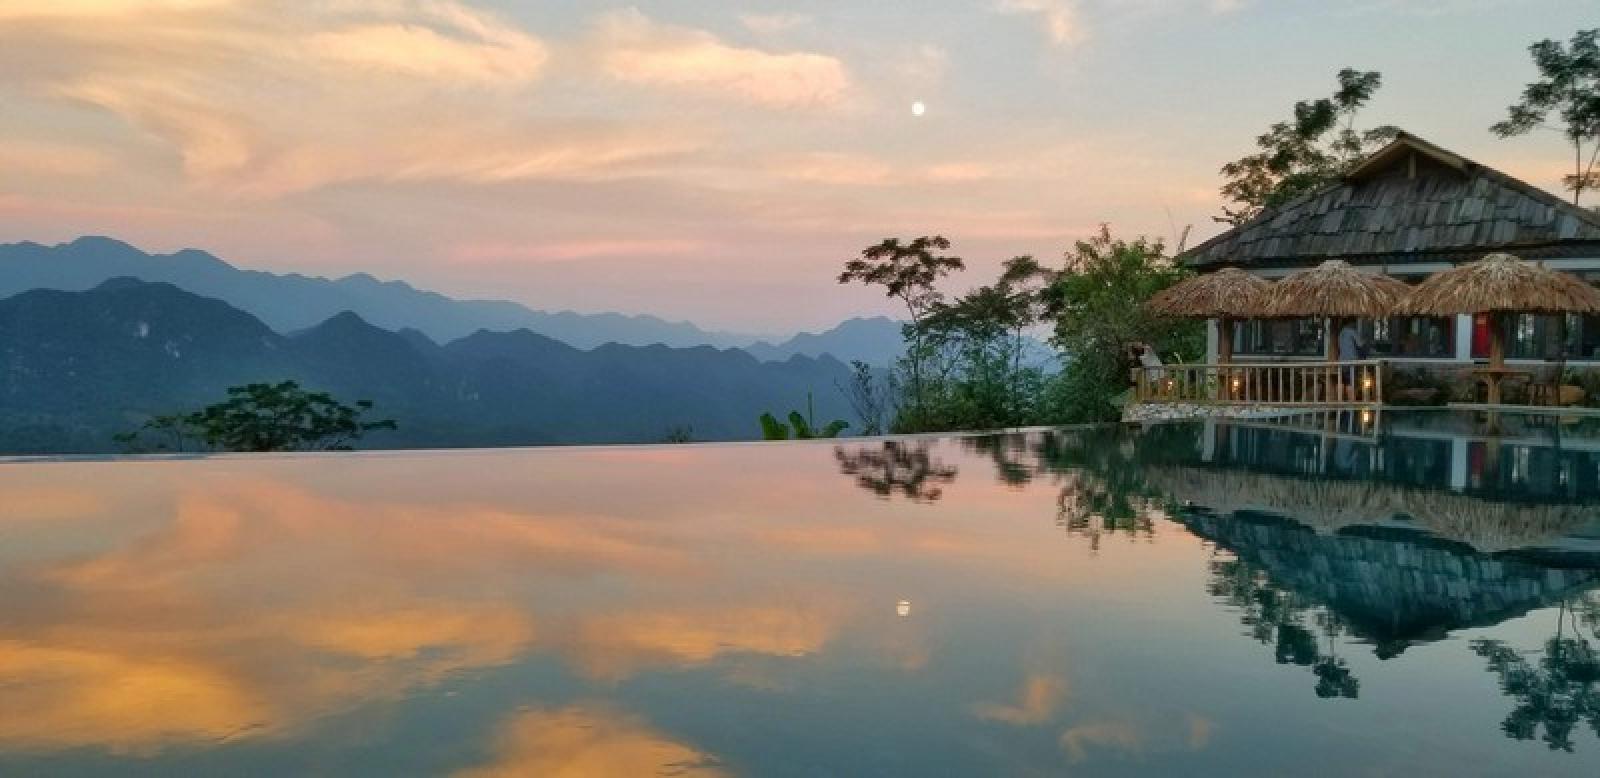 Pu Luong Eco Garden